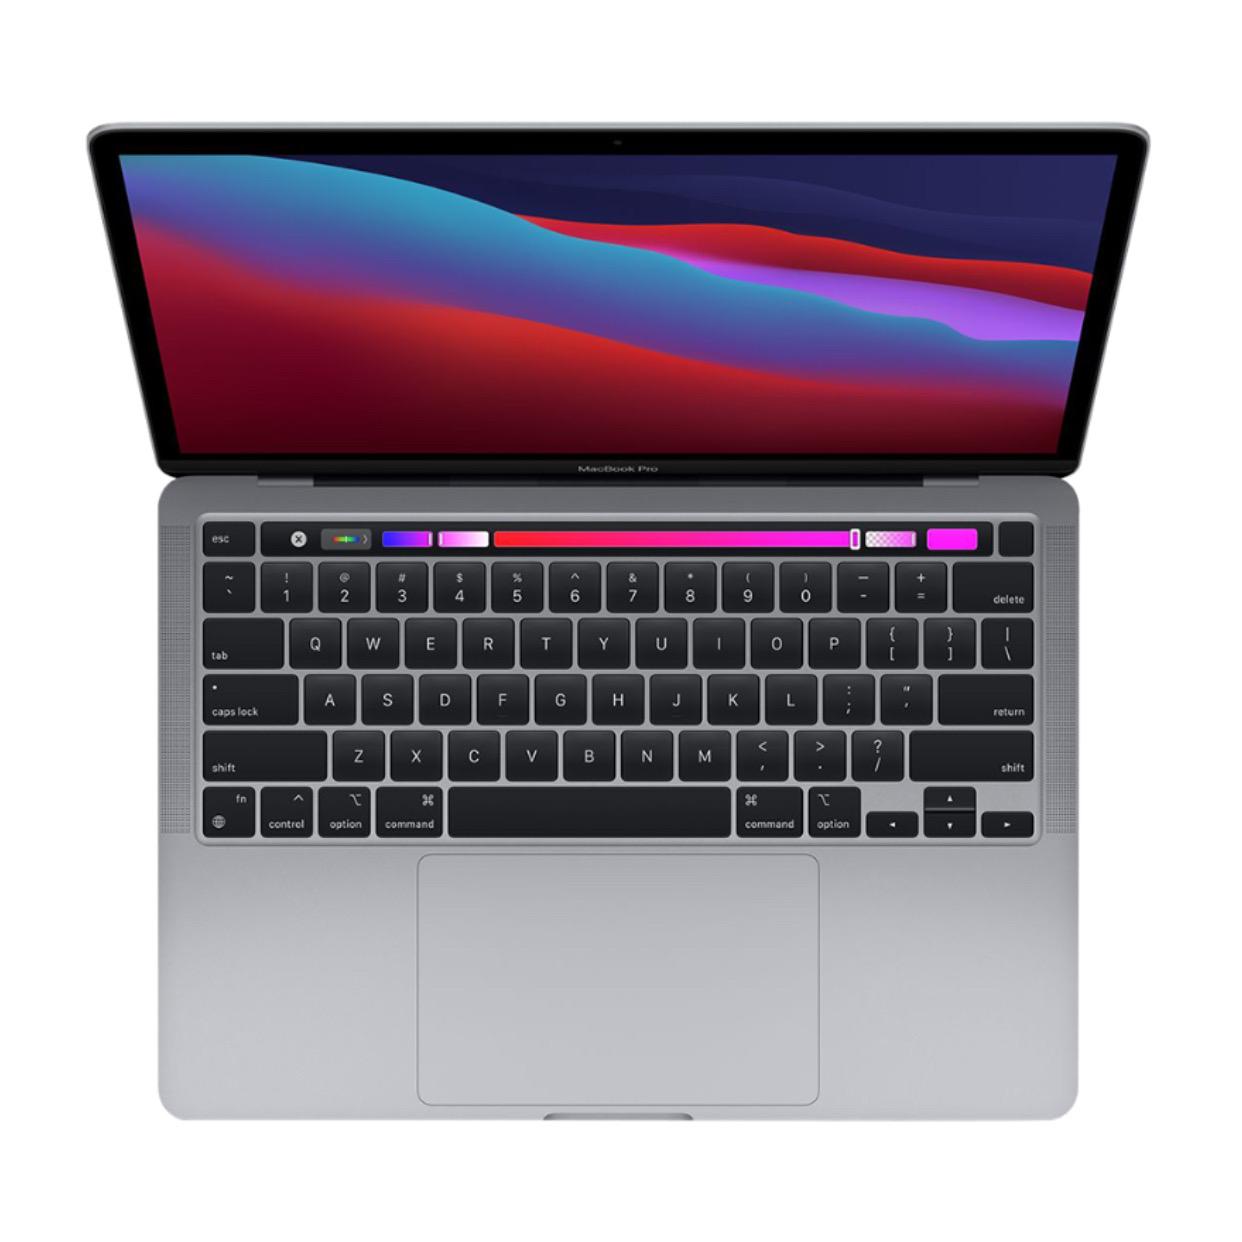 Macbook Pro 2020 M1 (LL/A) - 31.690.000